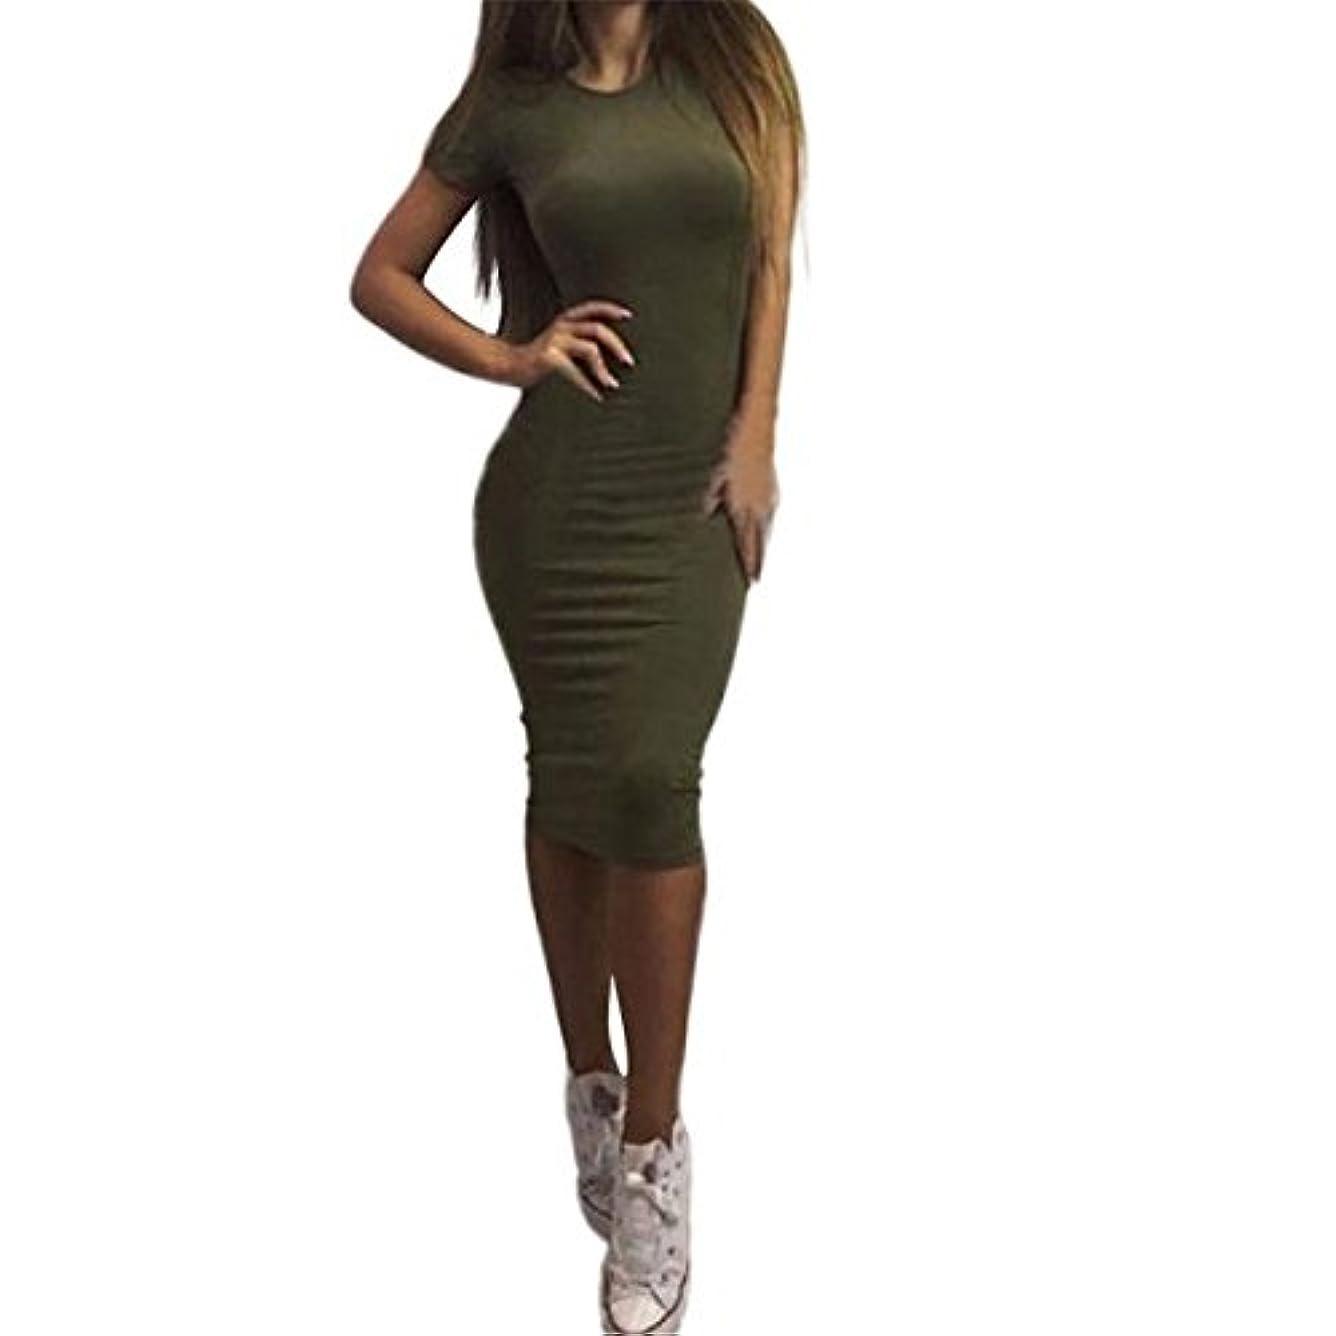 ランダム禁止アッパーLutents レディース タイト ワンピース 無地 半袖 セクシー スリムドレス 着痩せ ワンピース ロング 細身 パーティー 二次会 結婚式に対応 (黒 グレー グリーン)S~XLサイズ